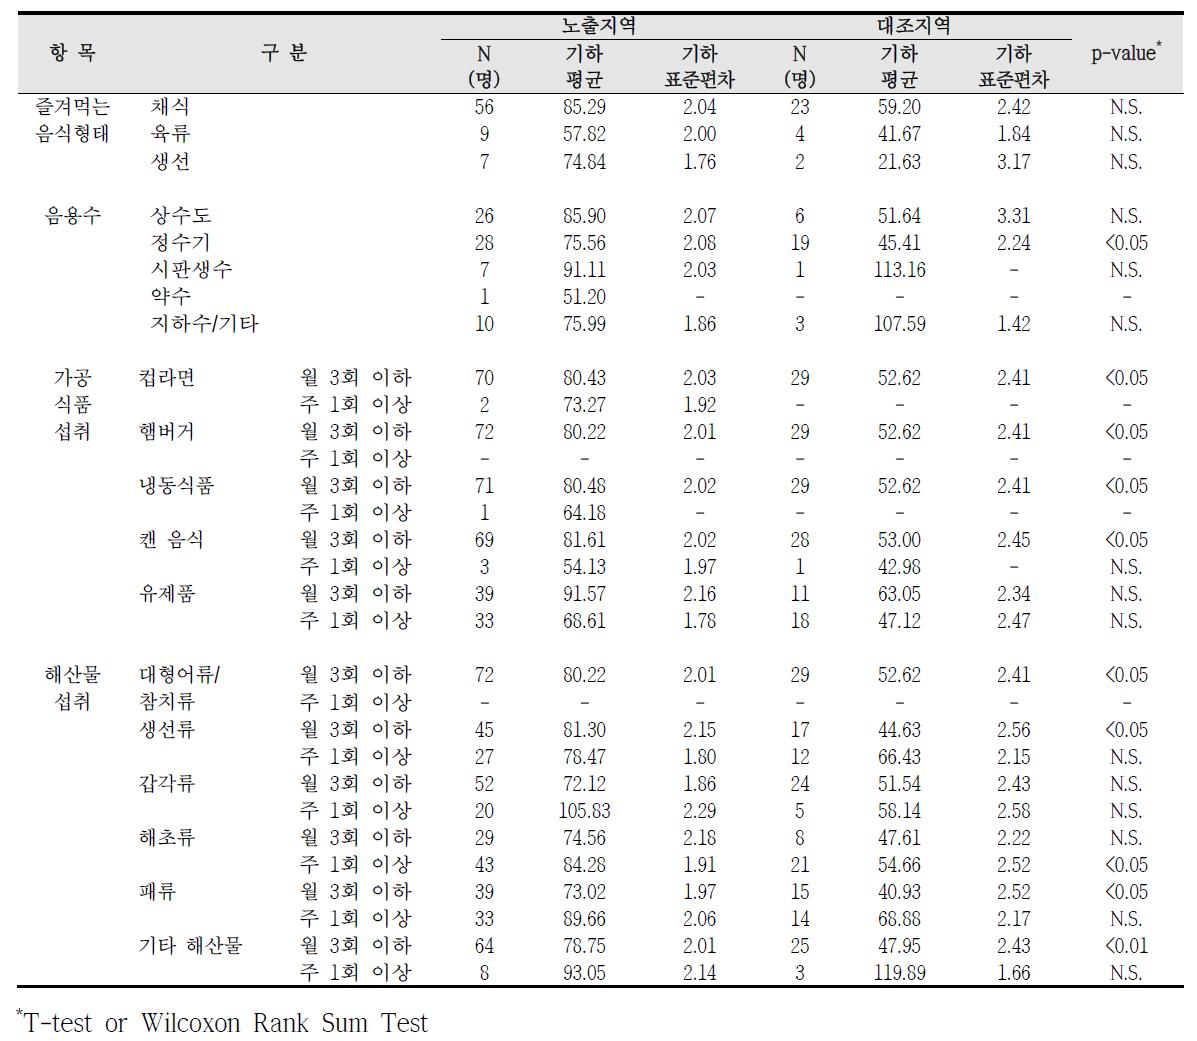 대산산업단지 식생활 습관에 따른 요중 MnBP 농도 비교